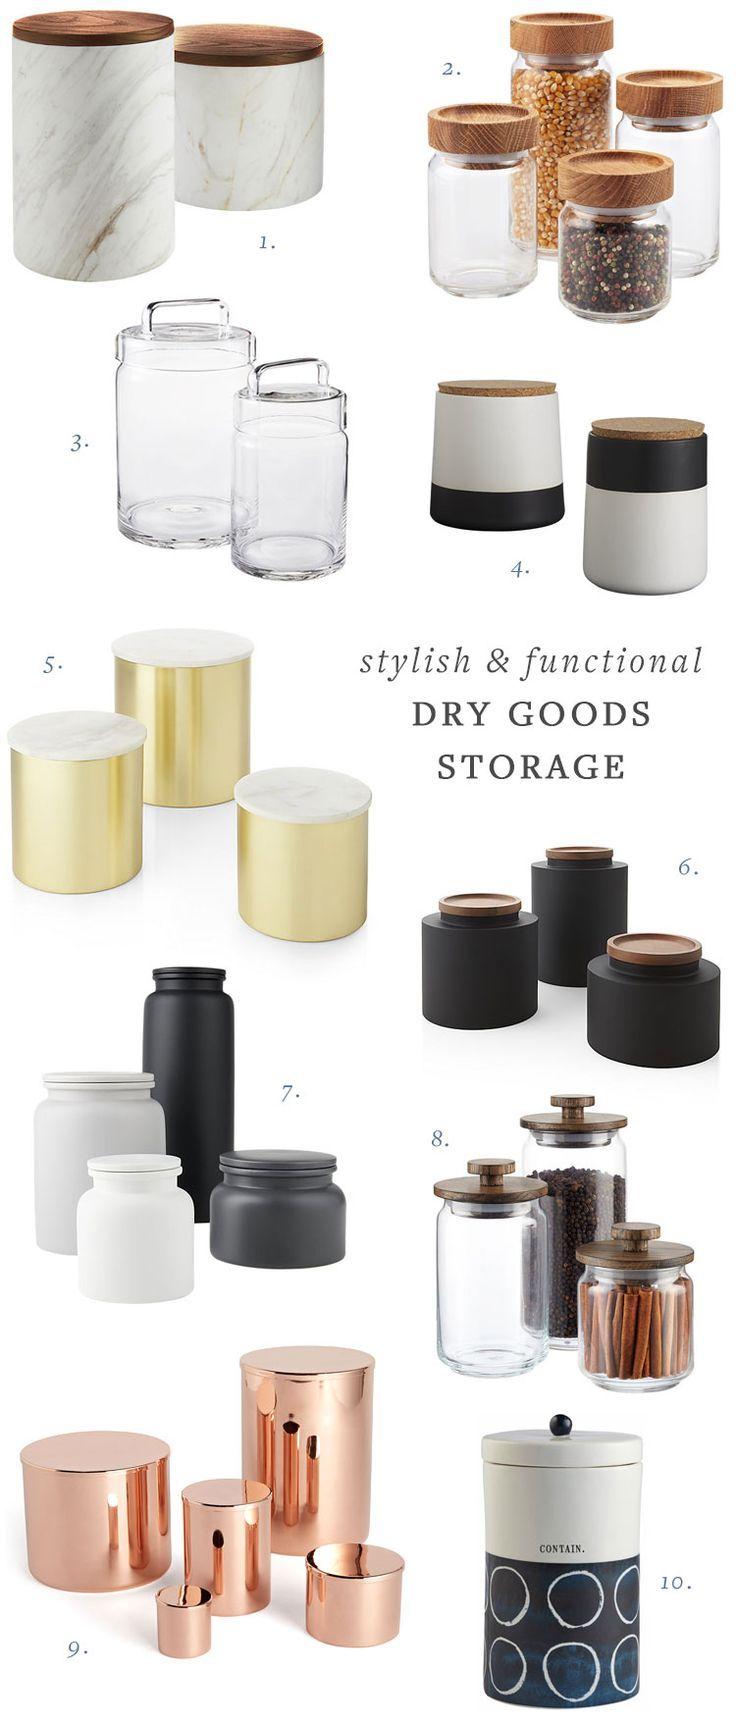 Small storage pods